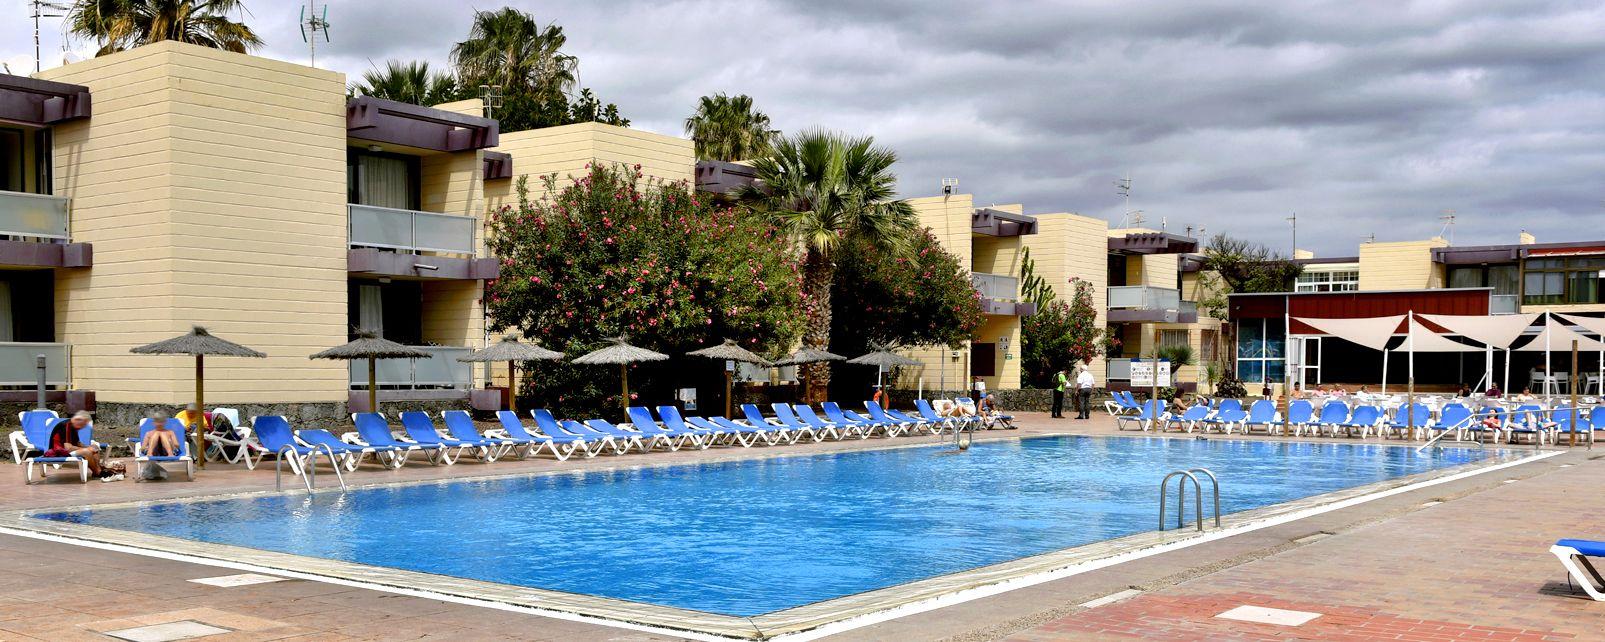 Hotel Palia Parque Don Pedro